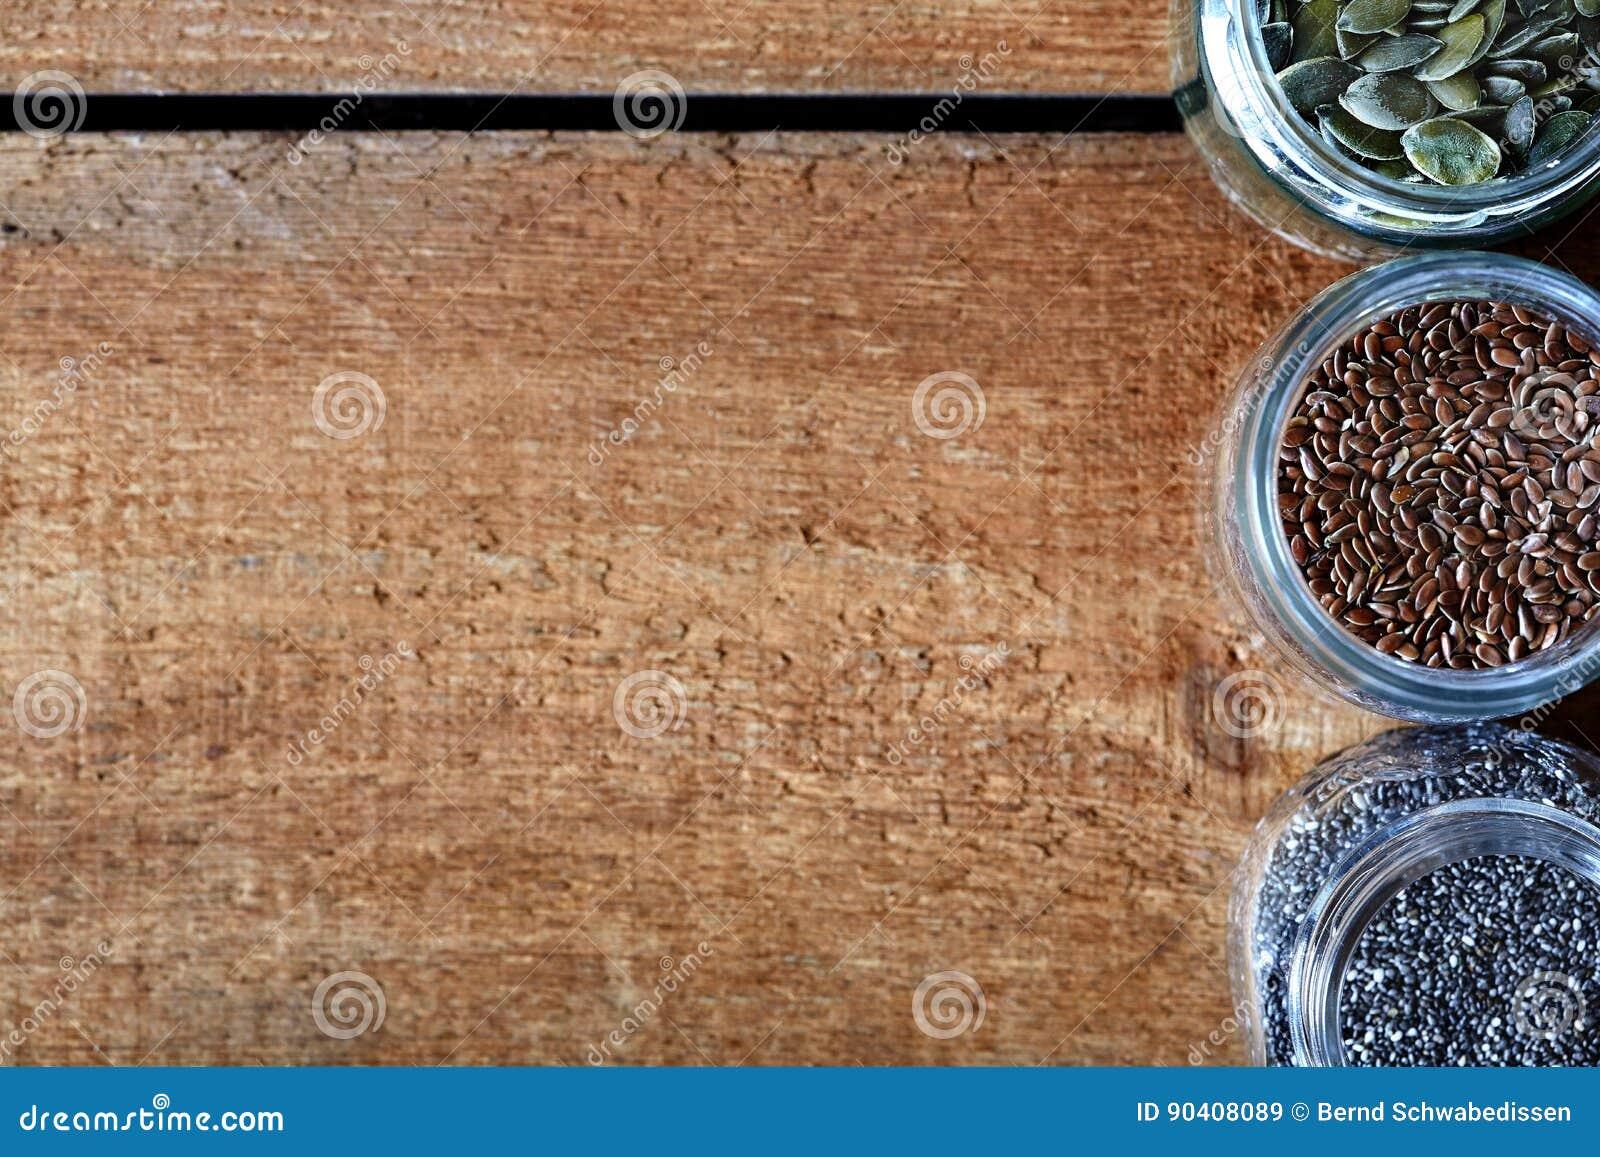 Разнообразие питания зерен здорового органического